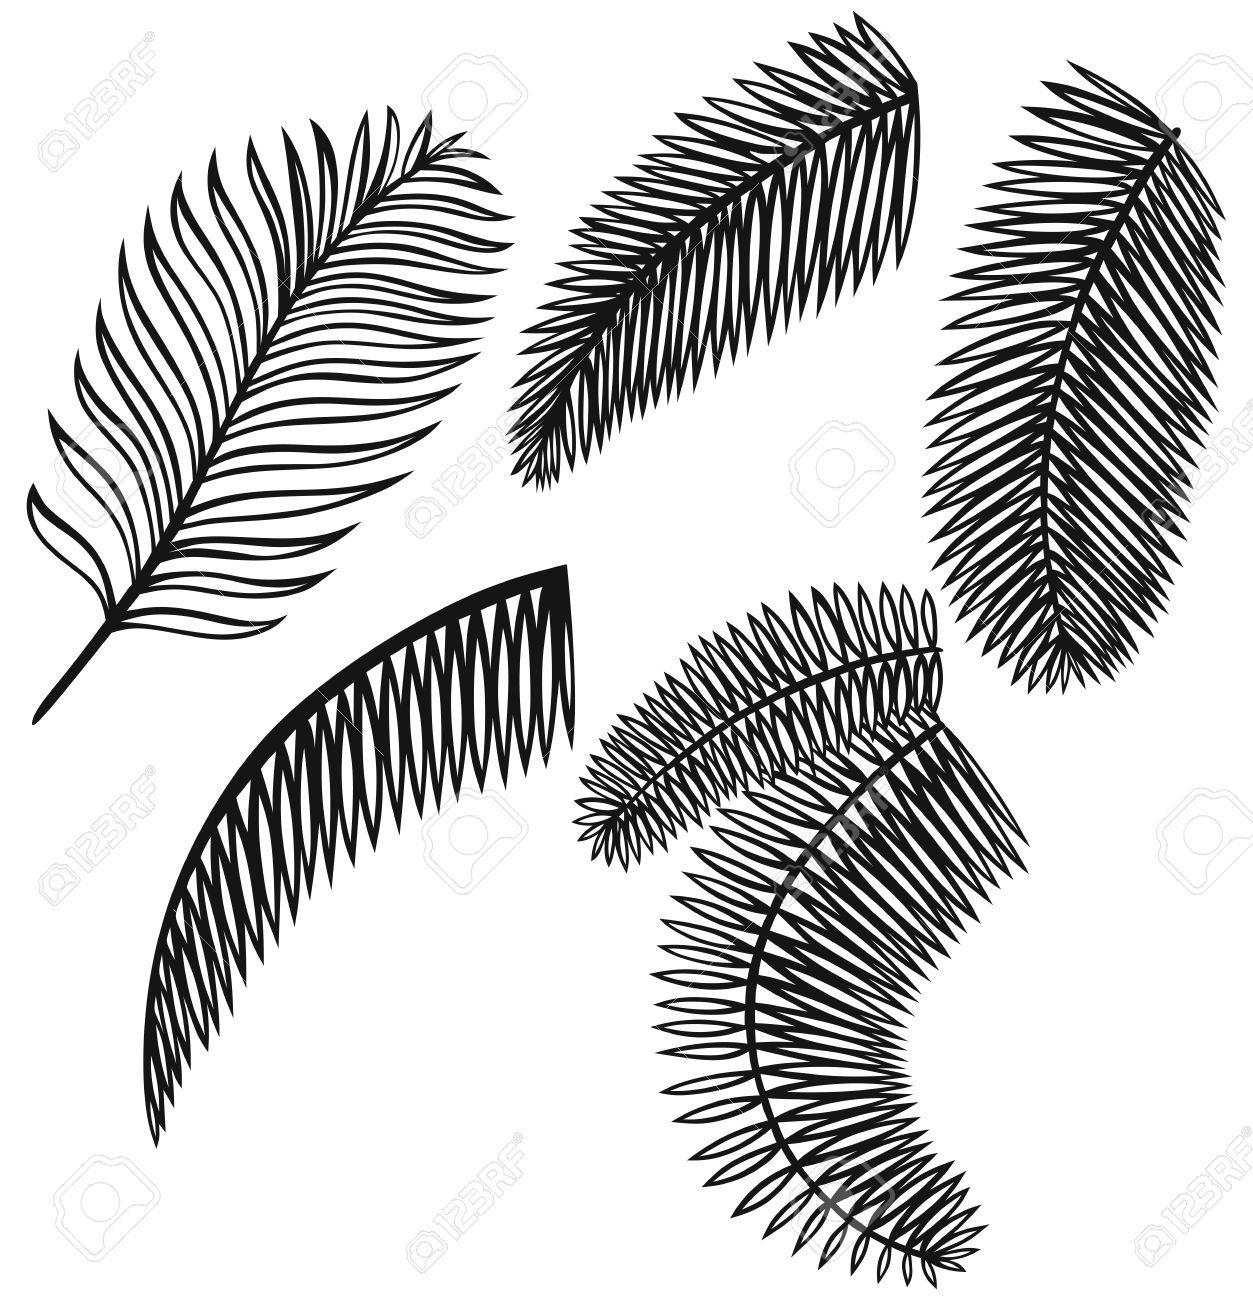 Palmier dessin ensemble de feuilles de palmier isol sur fond blanc illustration pinterest - Dessin palmier ...